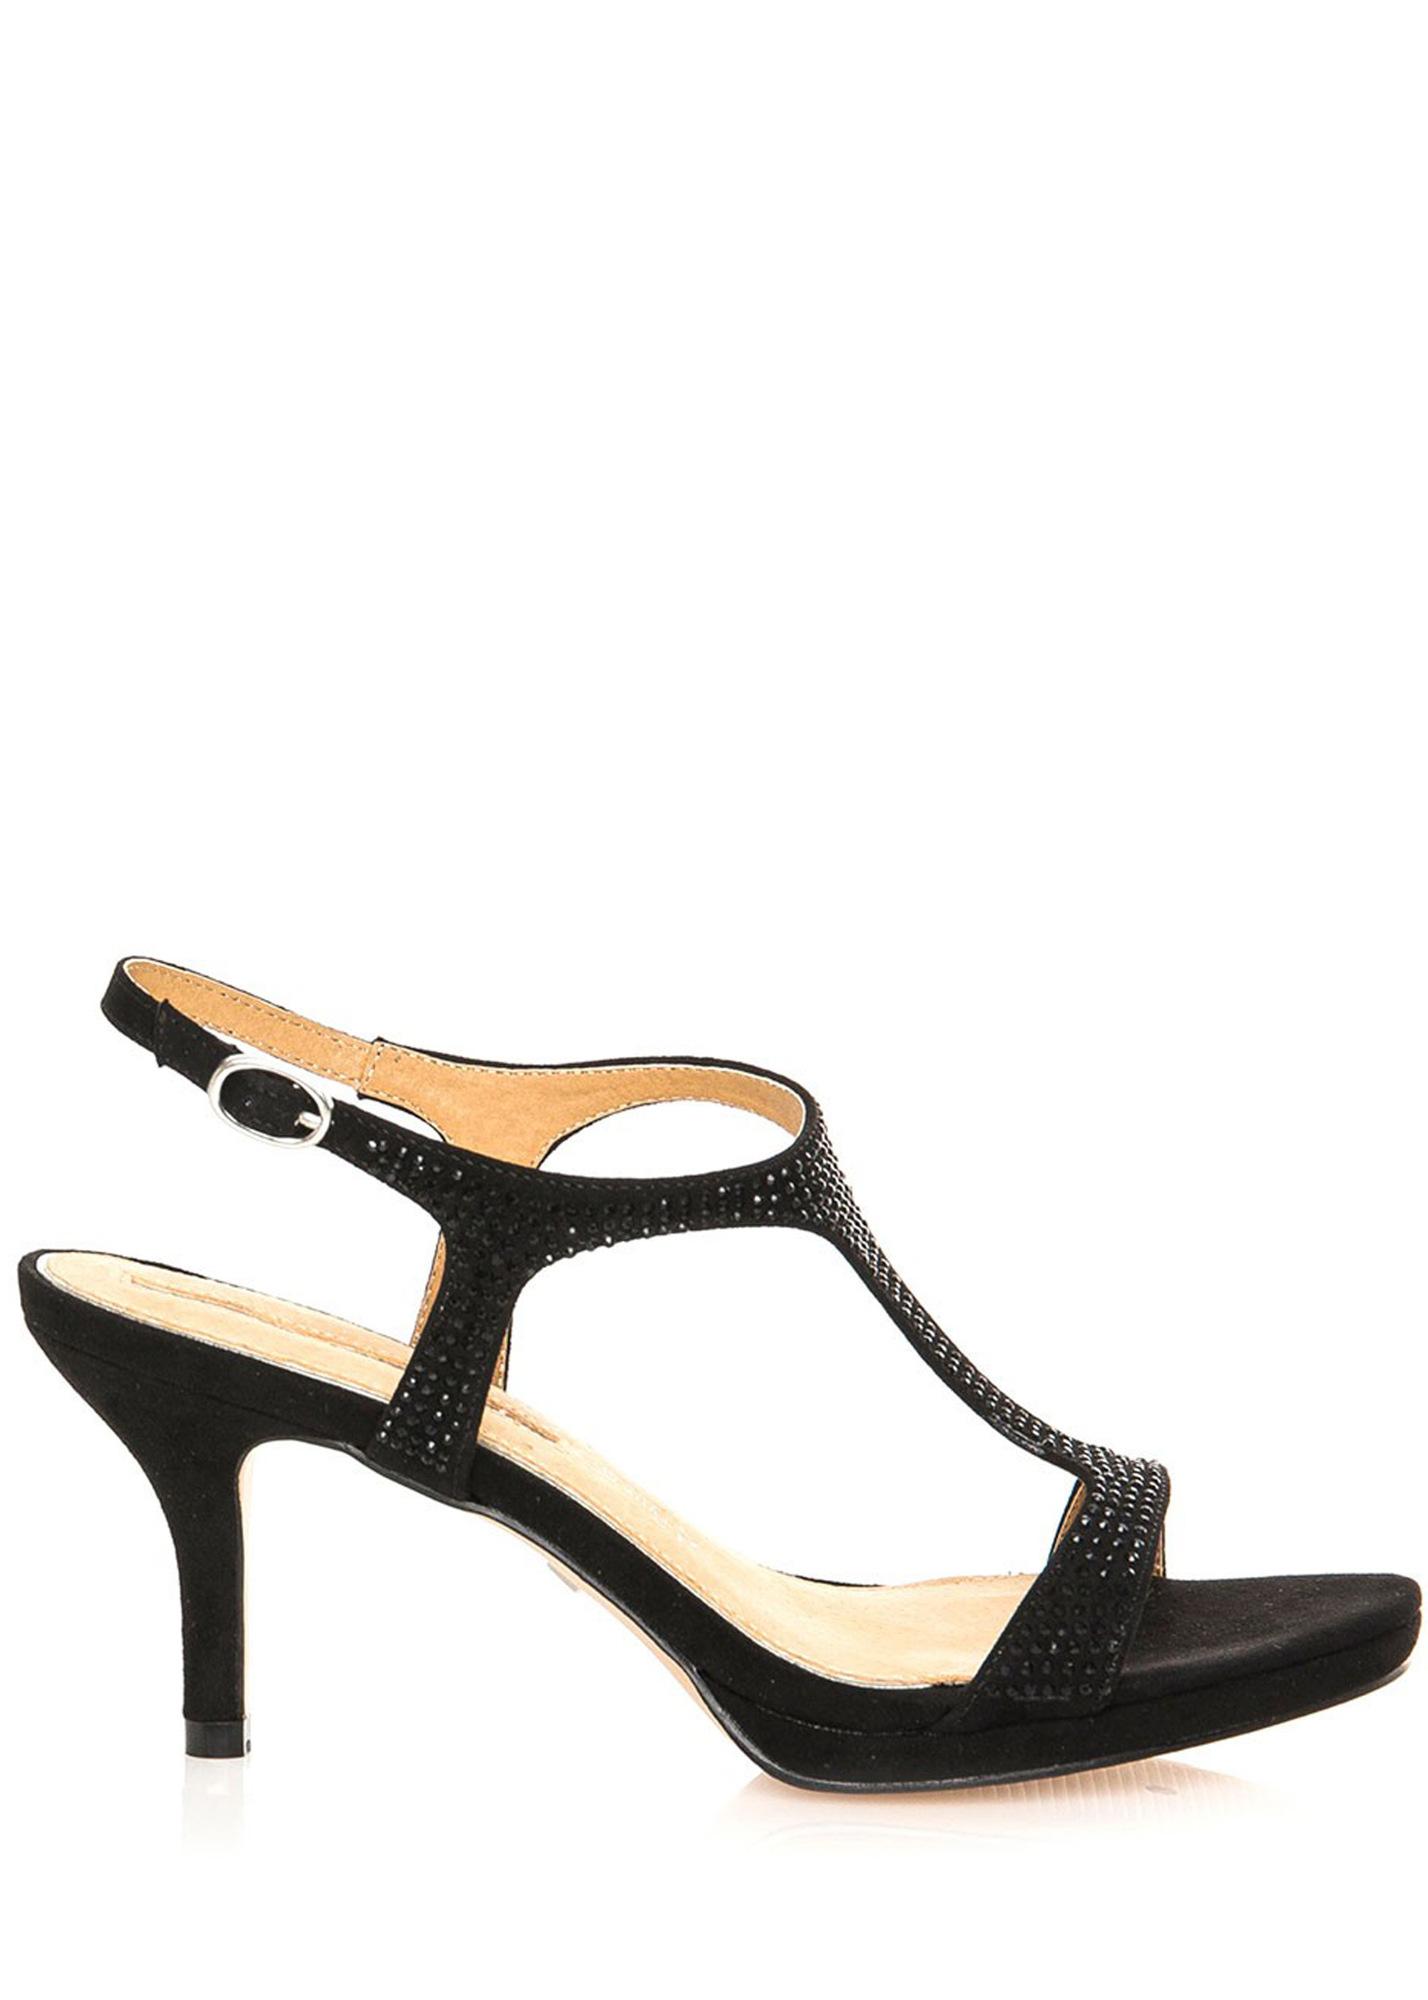 a44428c5dbb6 Černé sandály na nízkém podpatku MARIA MARE +